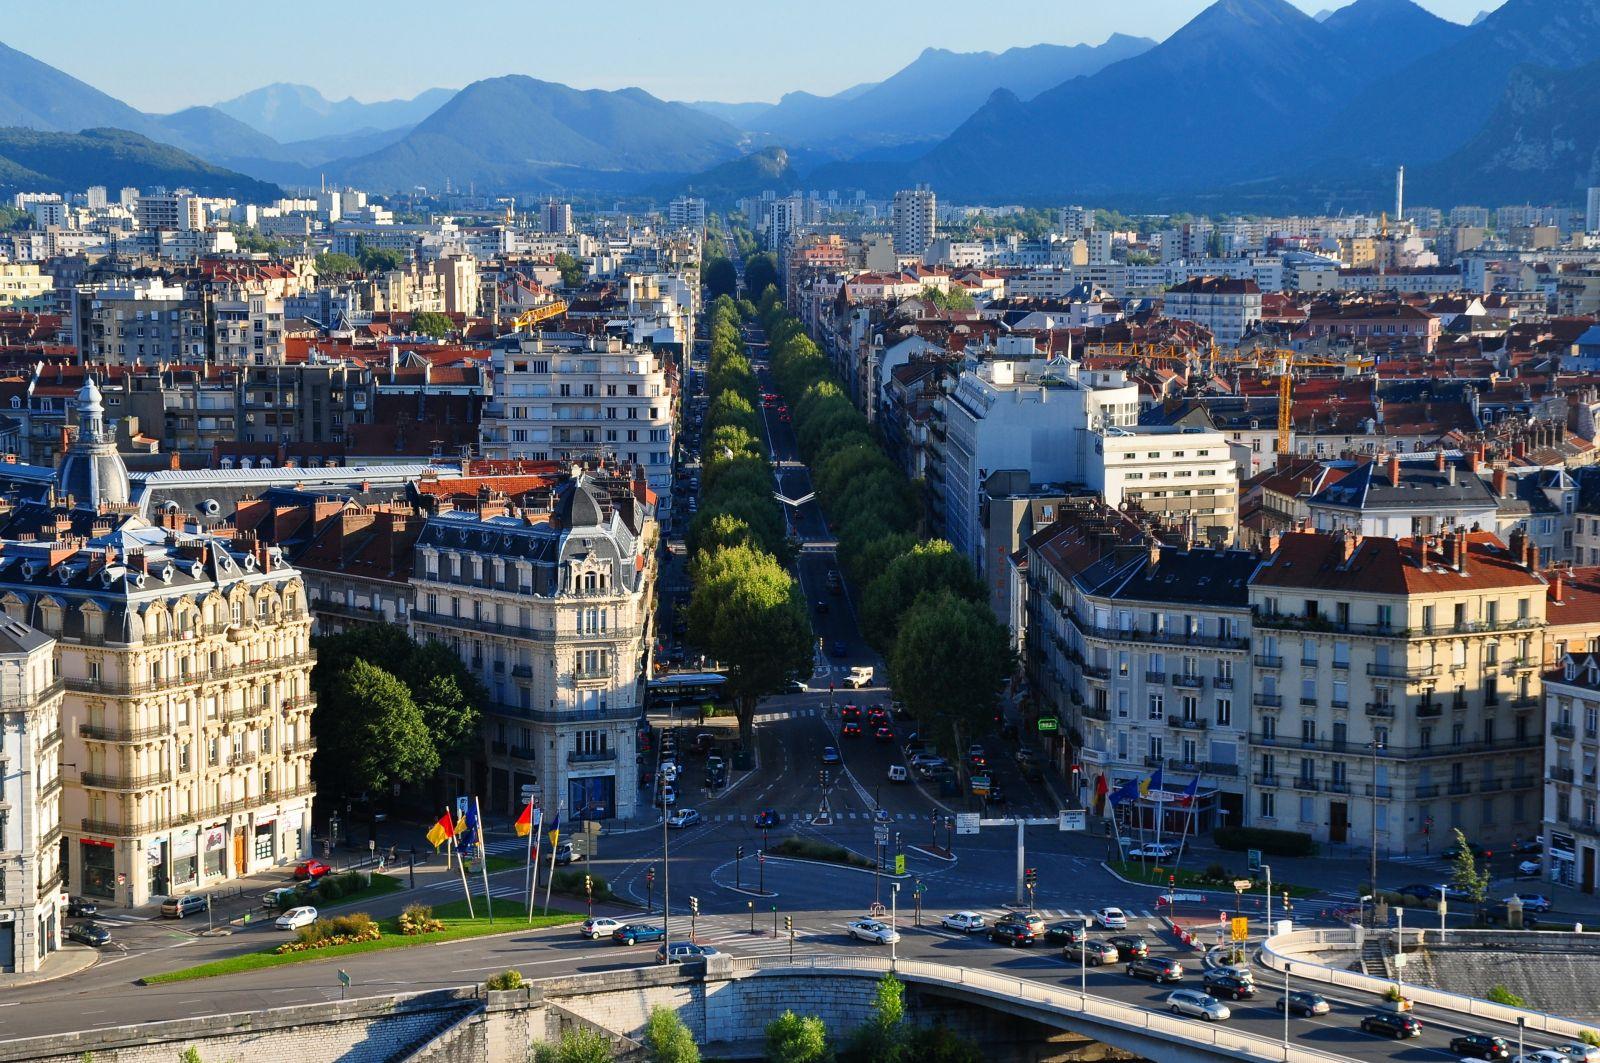 Immobilier Grenoble- Tendances 2019